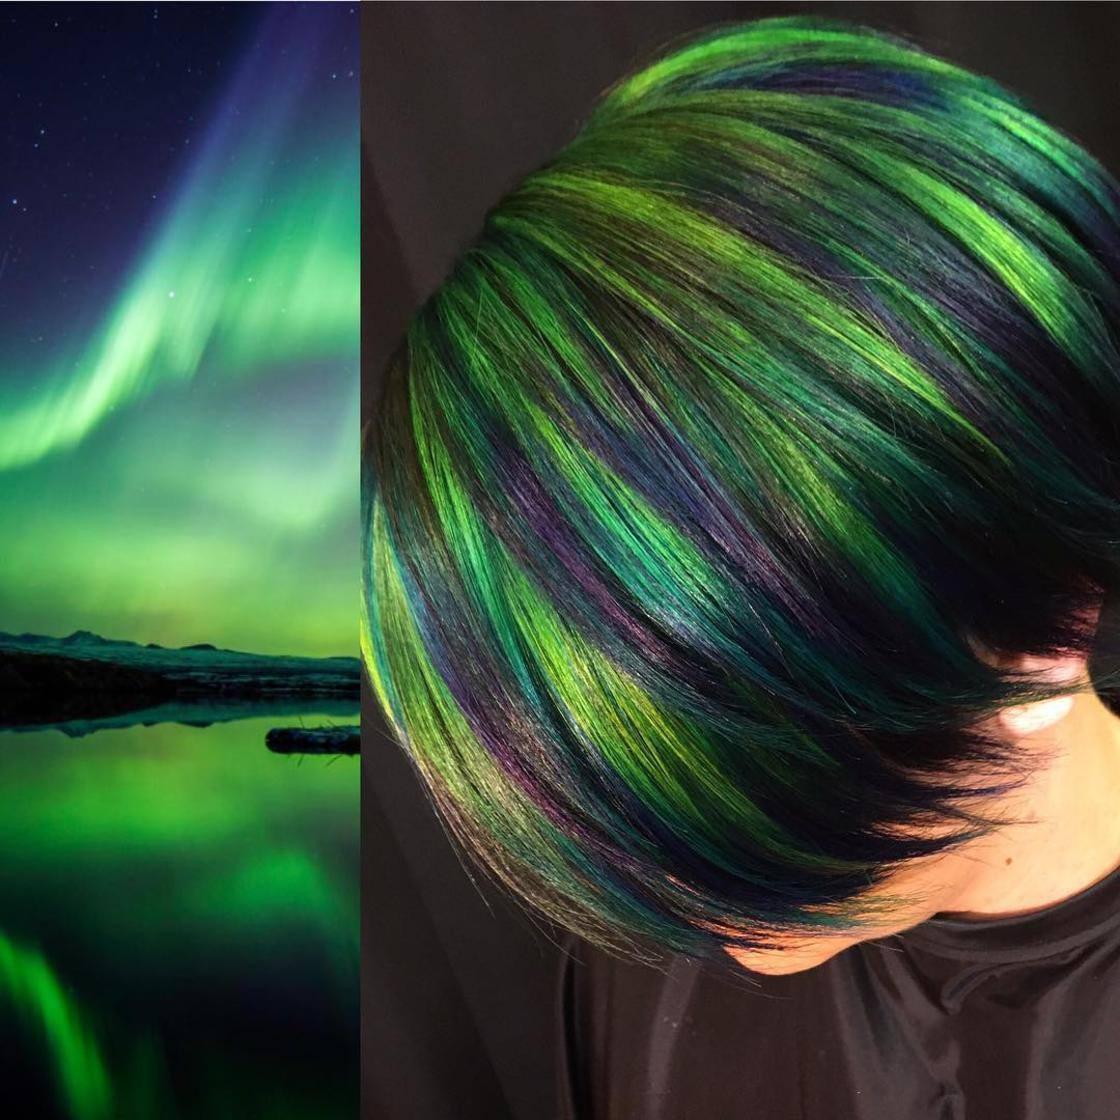 Artista se inspira em imagens fantásticas para mudar a cor do cabelo 19